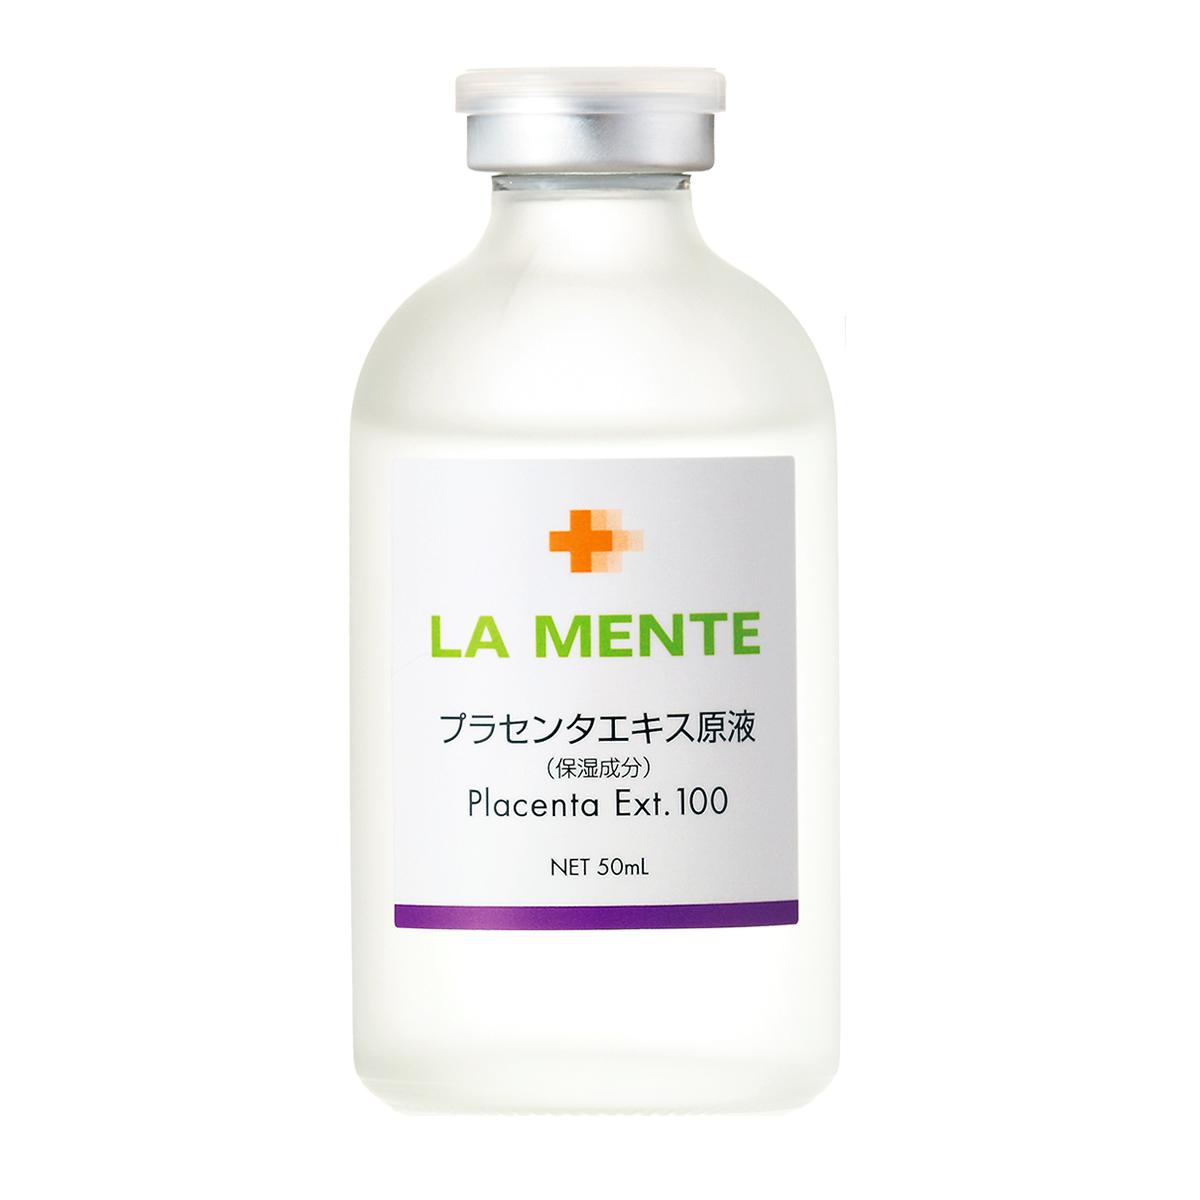 【LA MENTE】ラメンテ プラセント100+ 50mL